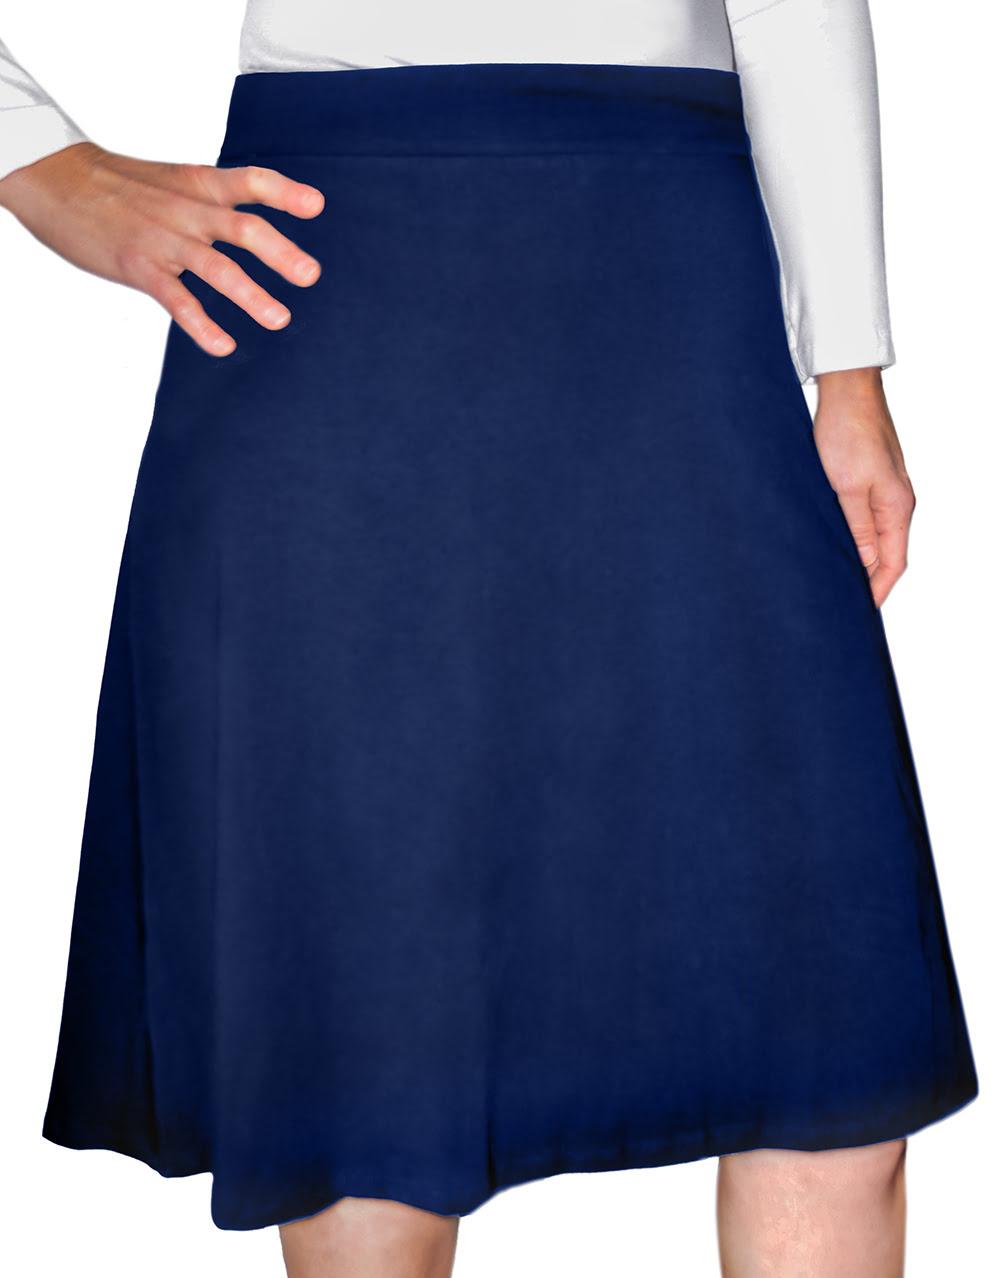 Girls Modest Knee Length Skirts - Girls Modest Clothing. Modern ...